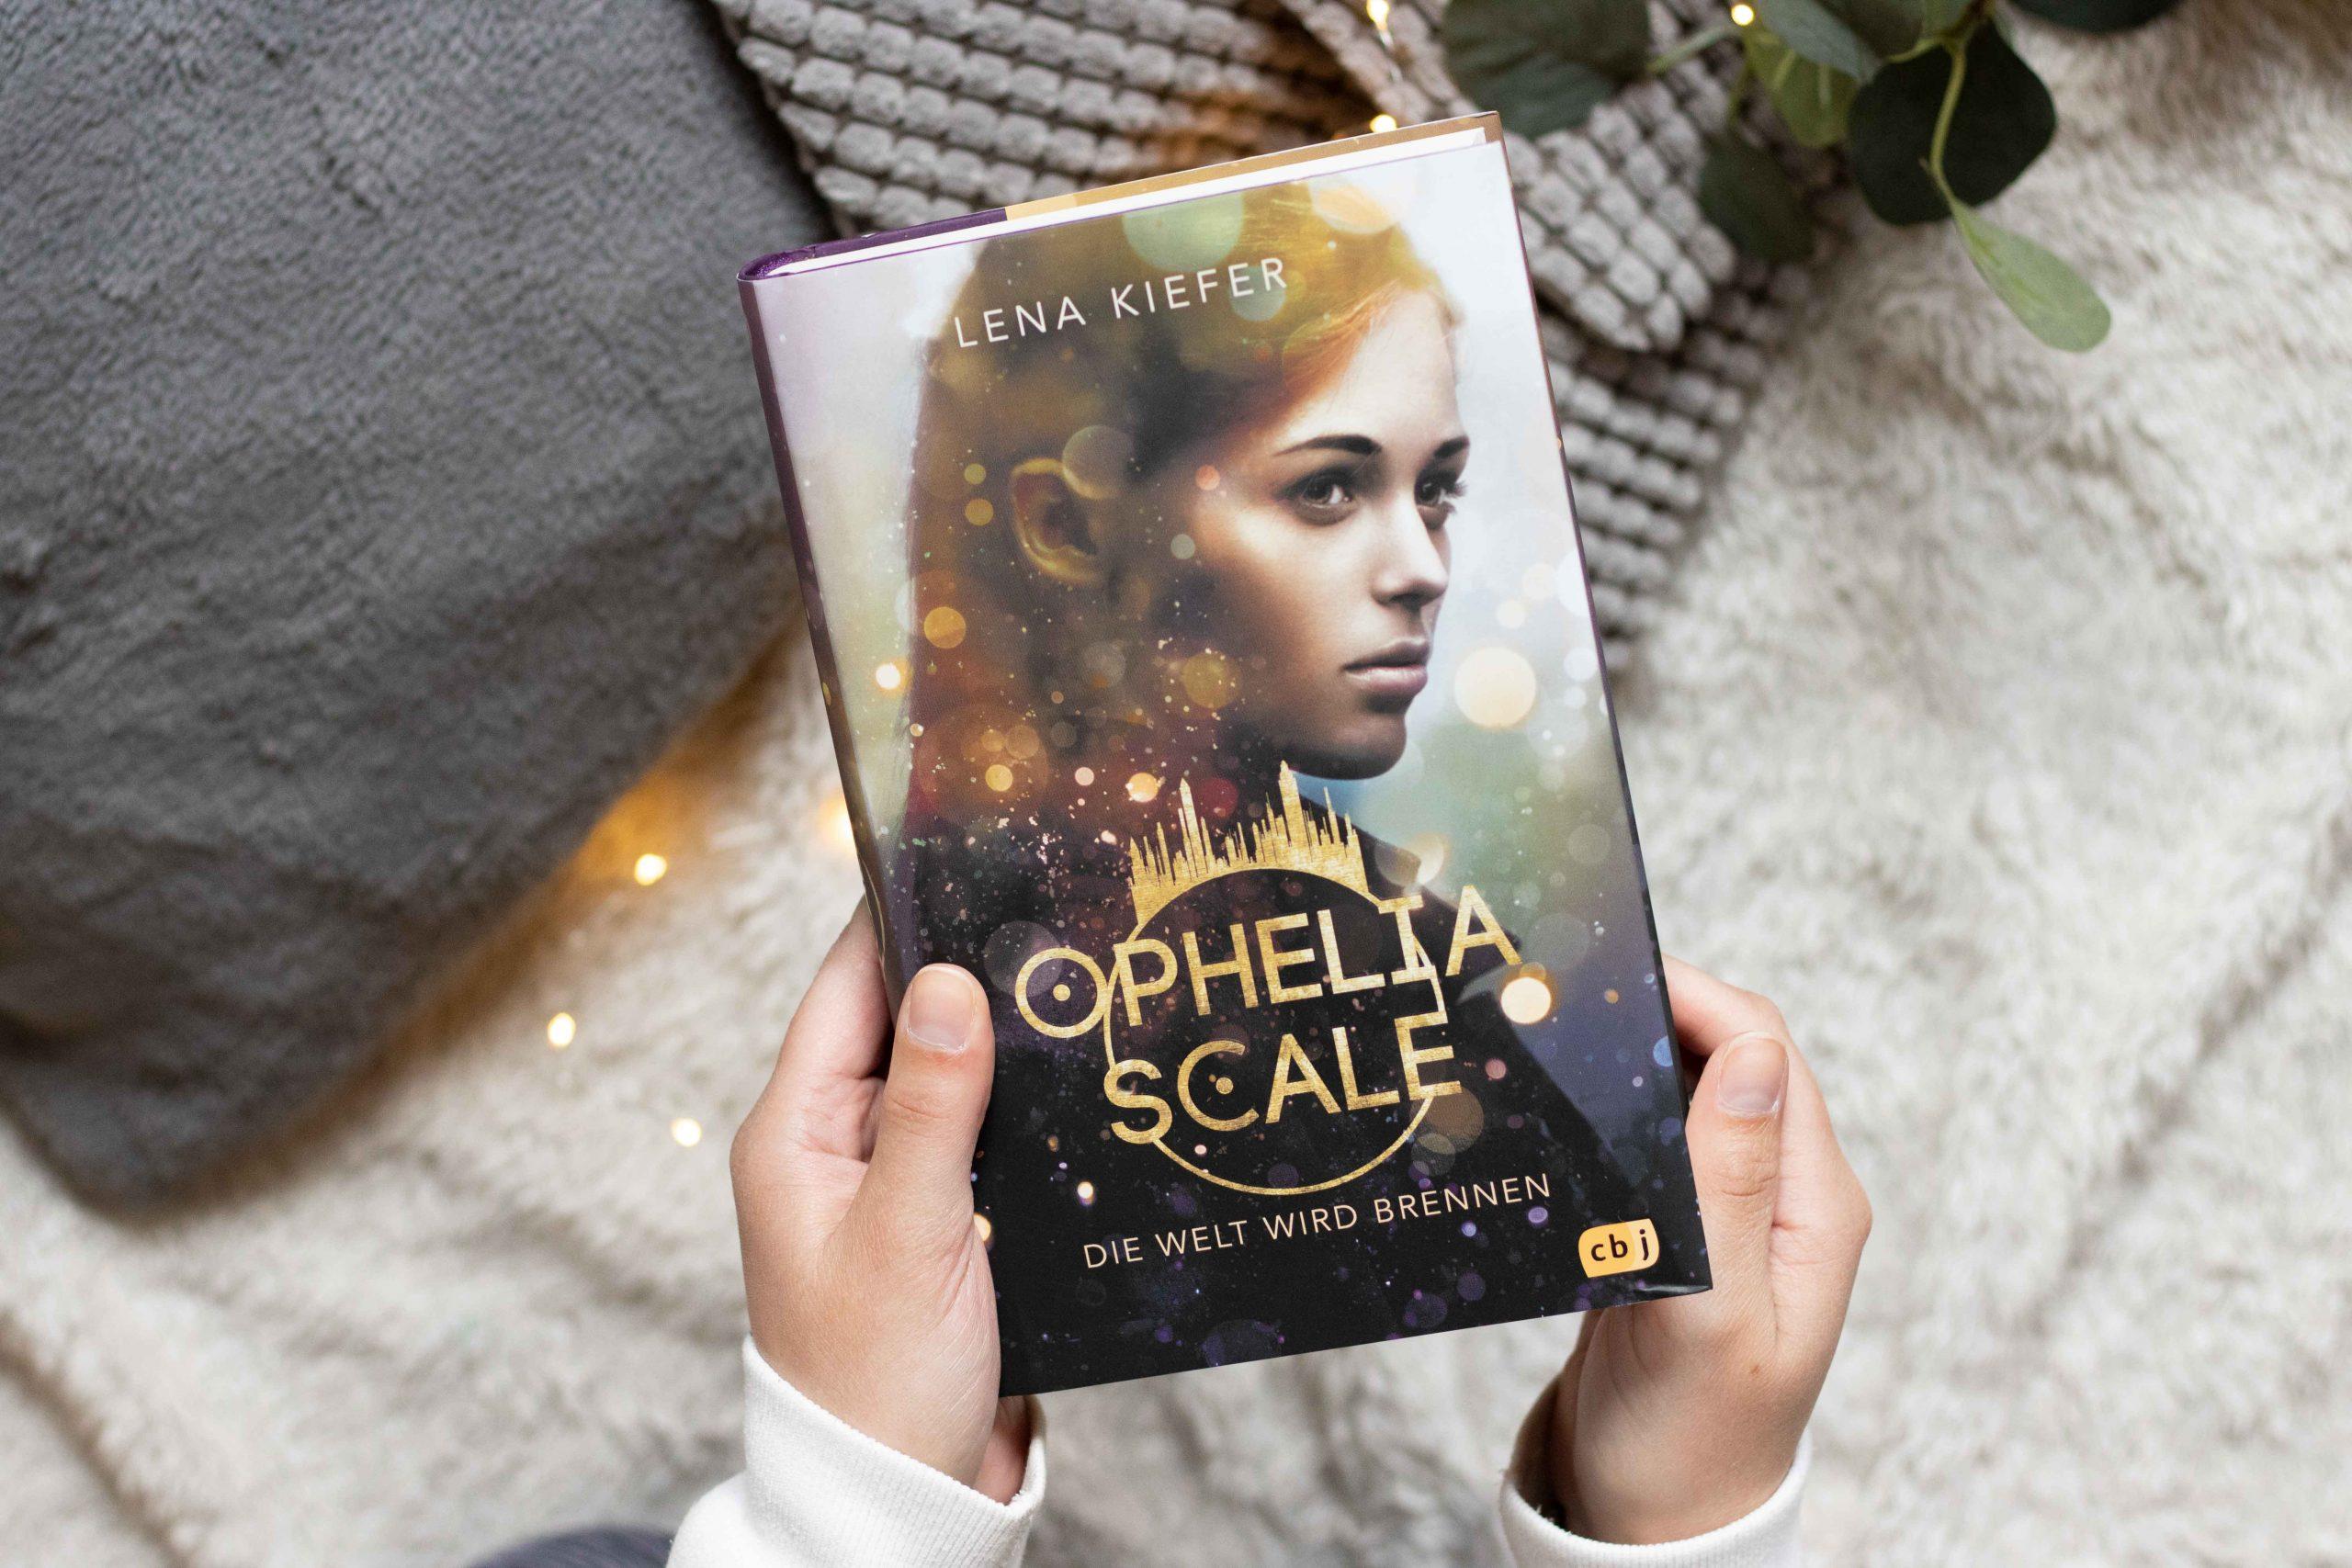 Ophelia Scale – Die Welt wird brennen | Lena Kiefer